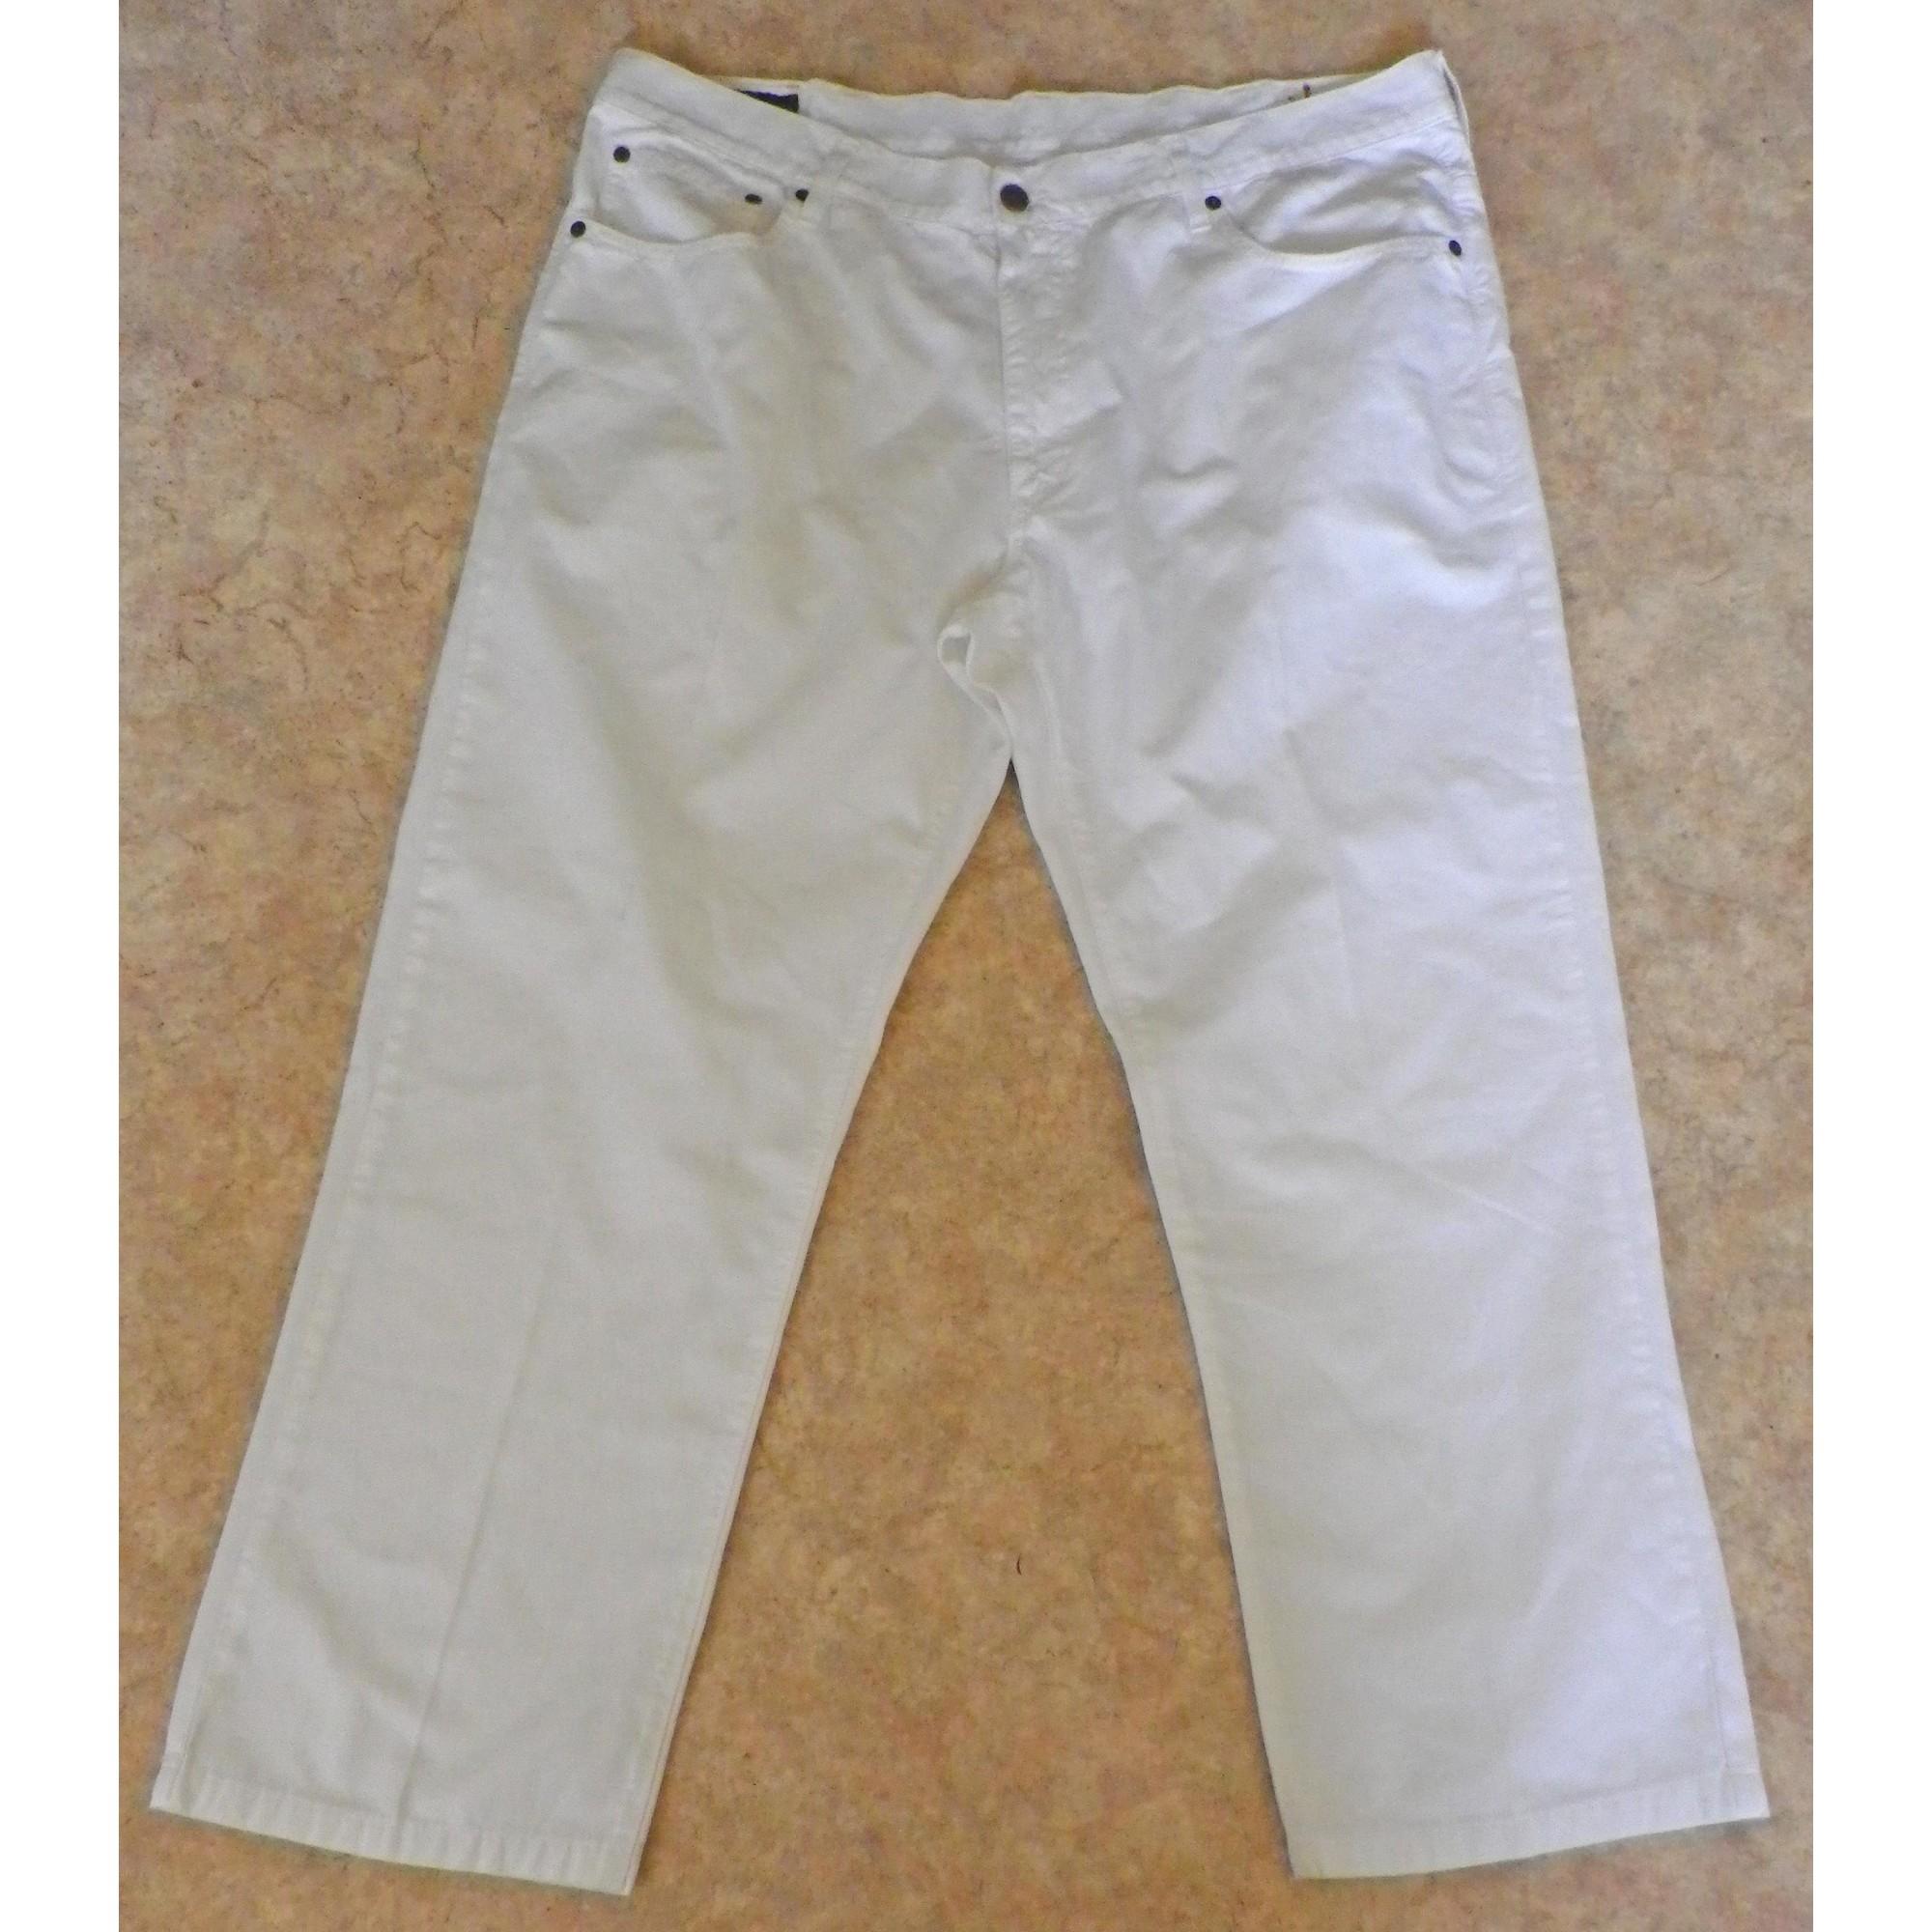 Jeans droit MCS Blanc, blanc cassé, écru